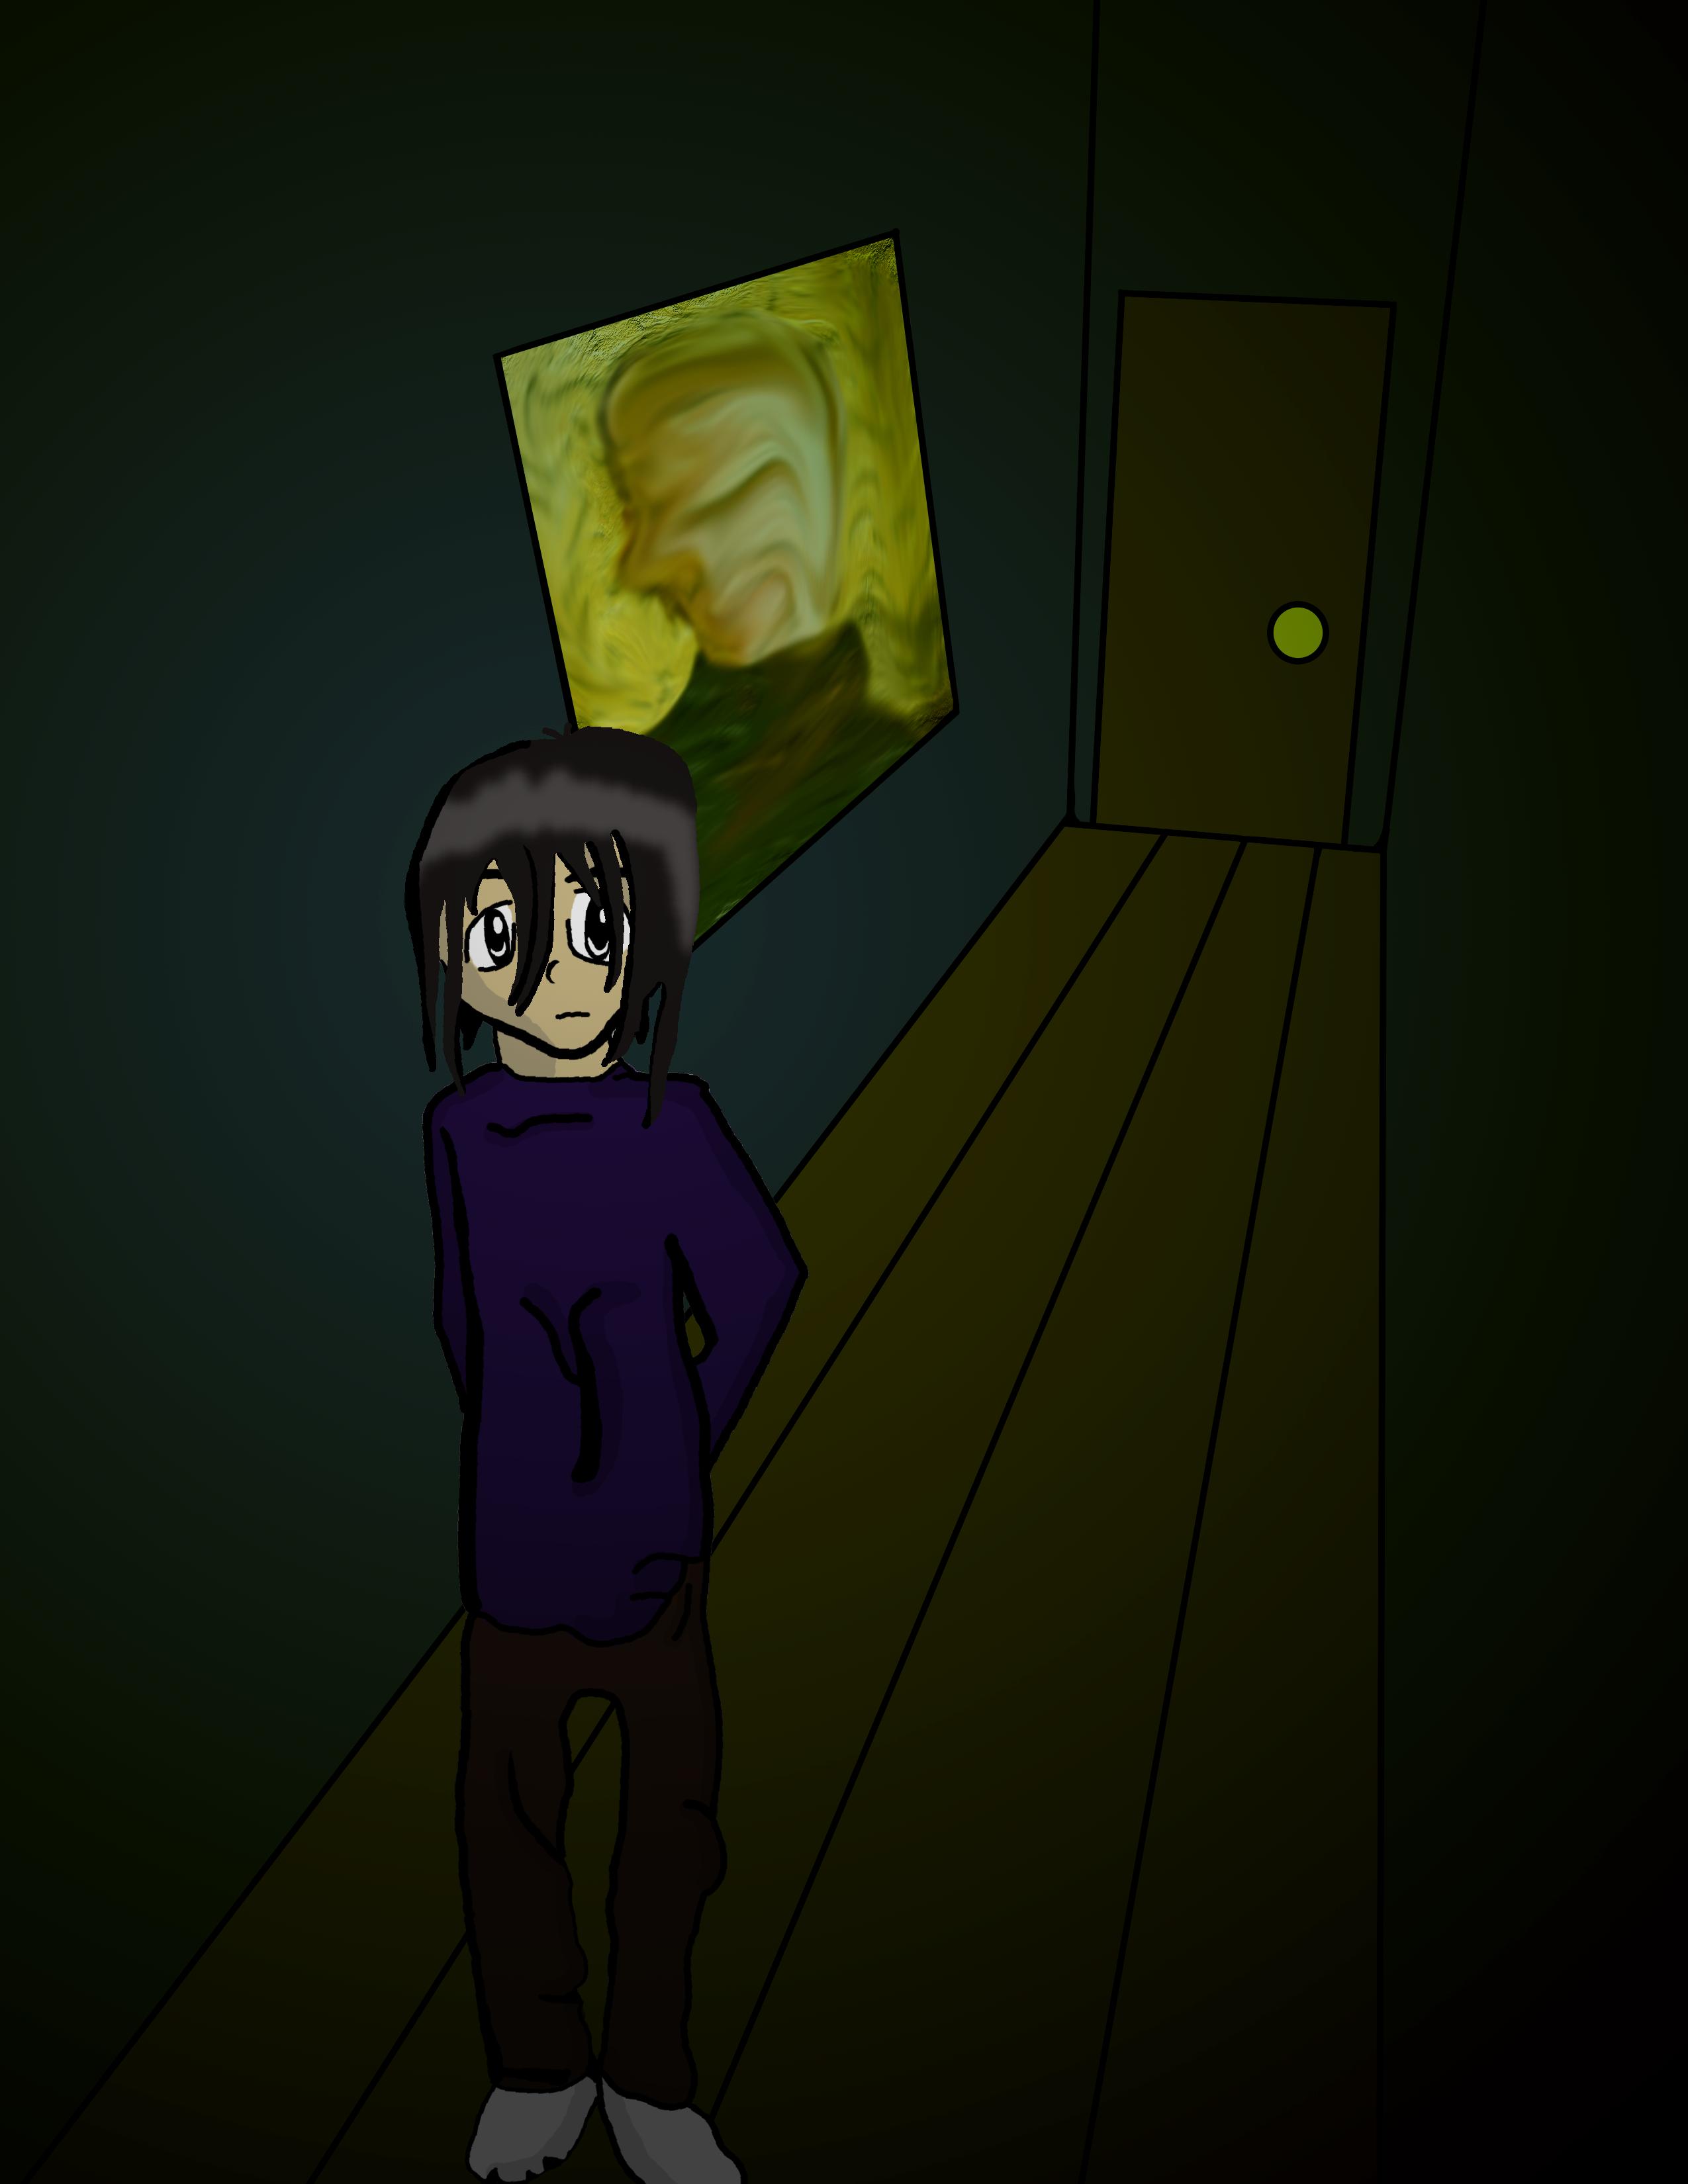 Boy in the Shadows